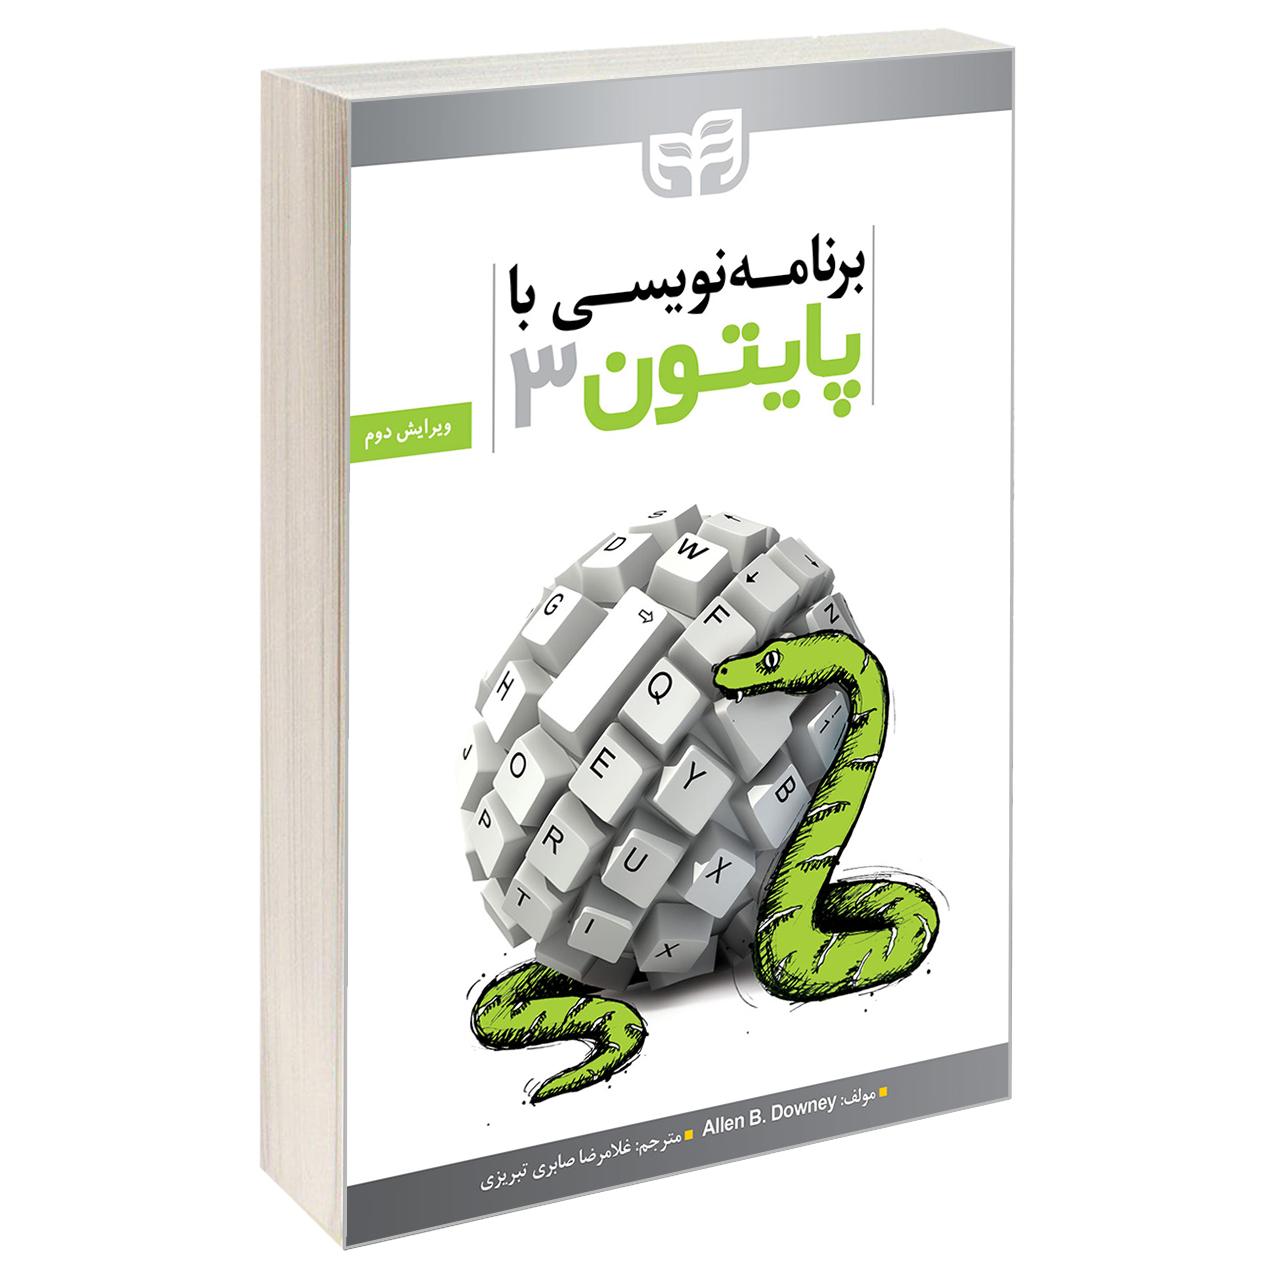 خرید                      کتاب برنامه نویسی با پایتون 3 اثر آلن ب داونی انتشارات دانشگاهی کیان